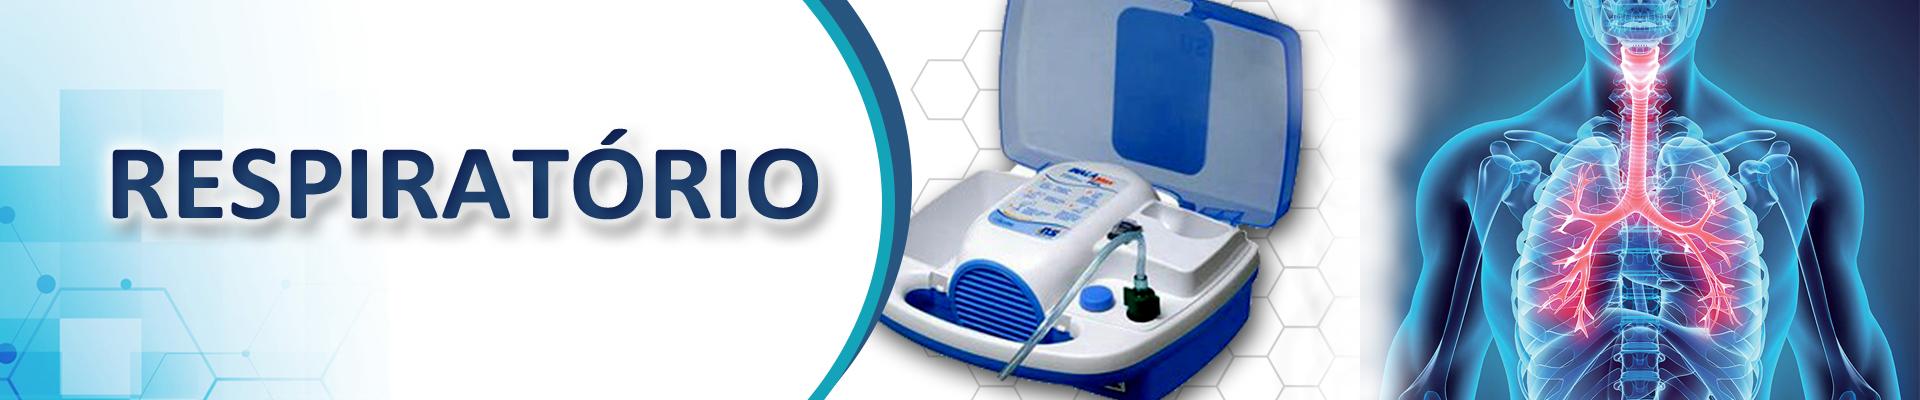 Banner principal da categoria respiratório